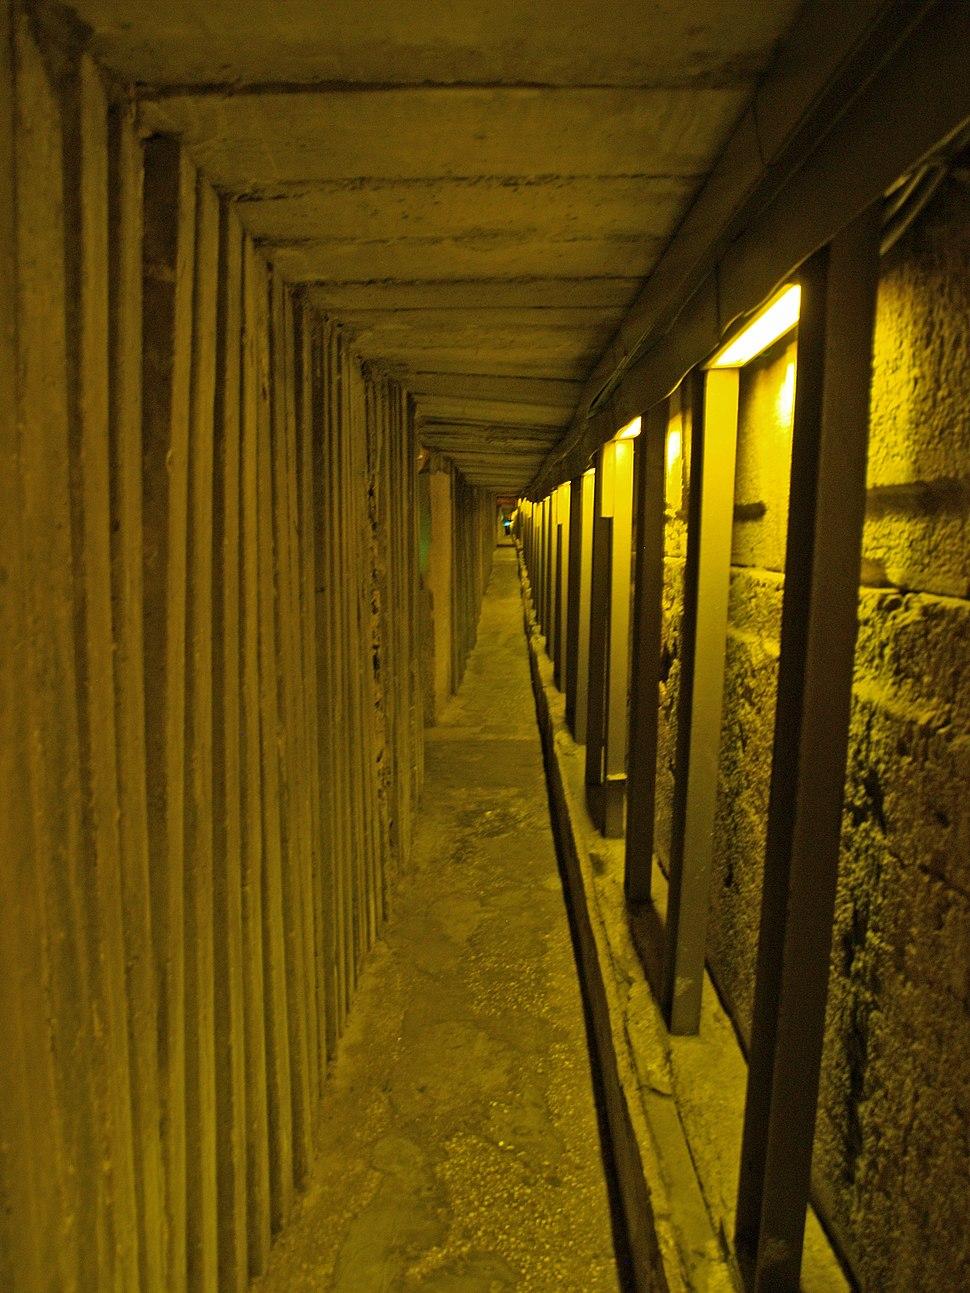 Western Wall Tunnel by David Shankbone